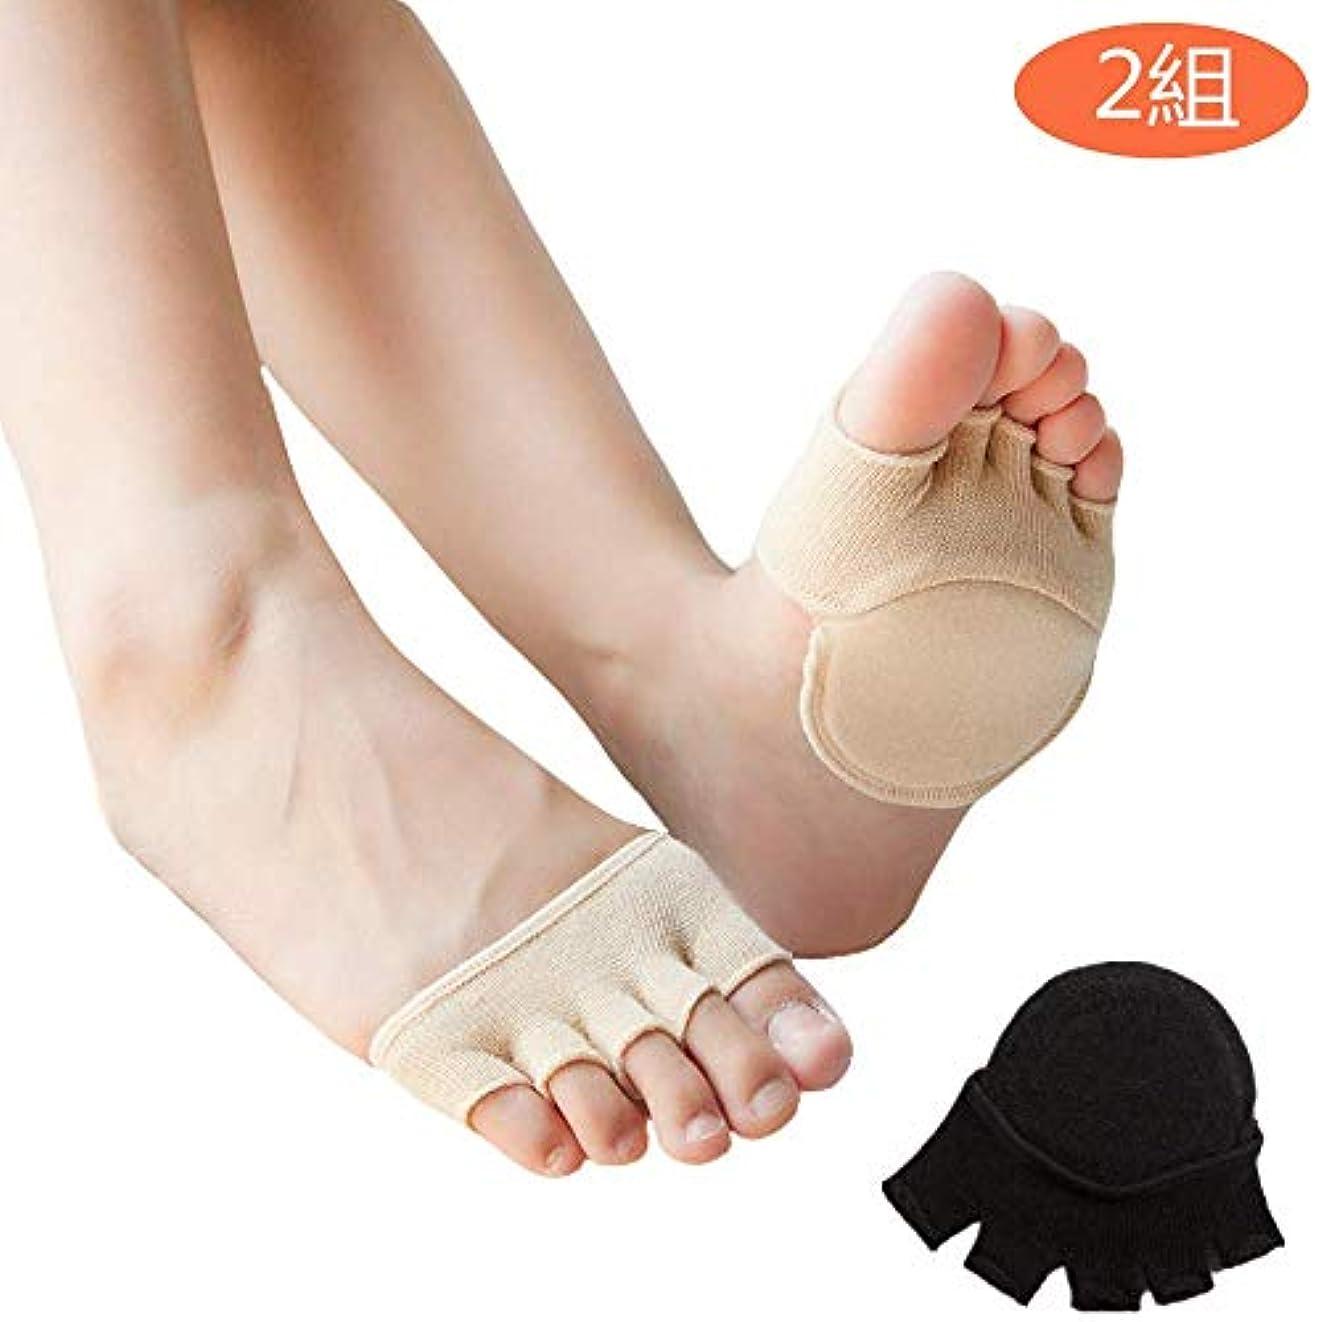 発見コンサルタントアクションつま先 5本指 足底クッション付き 前足サポーター 足の臭い対策 フットカバー ヨガ用靴下 浅い靴下半分つま先 夏 超薄型 (2組)